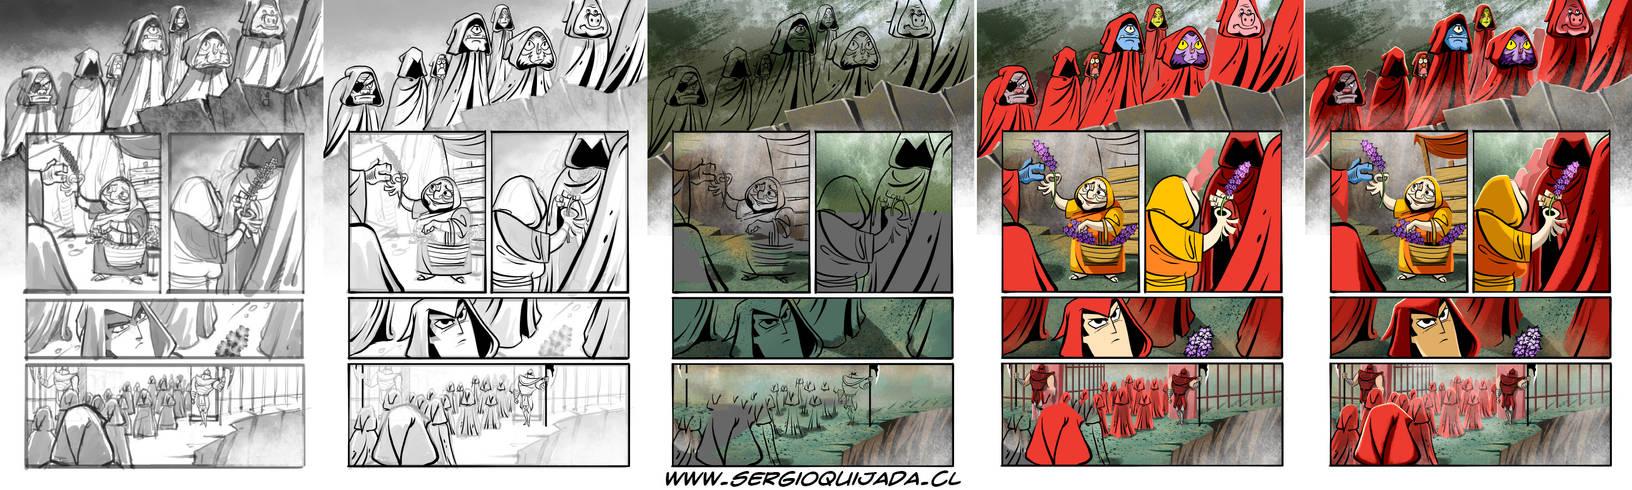 - Samurai Jack 16 - Page process + FB contest